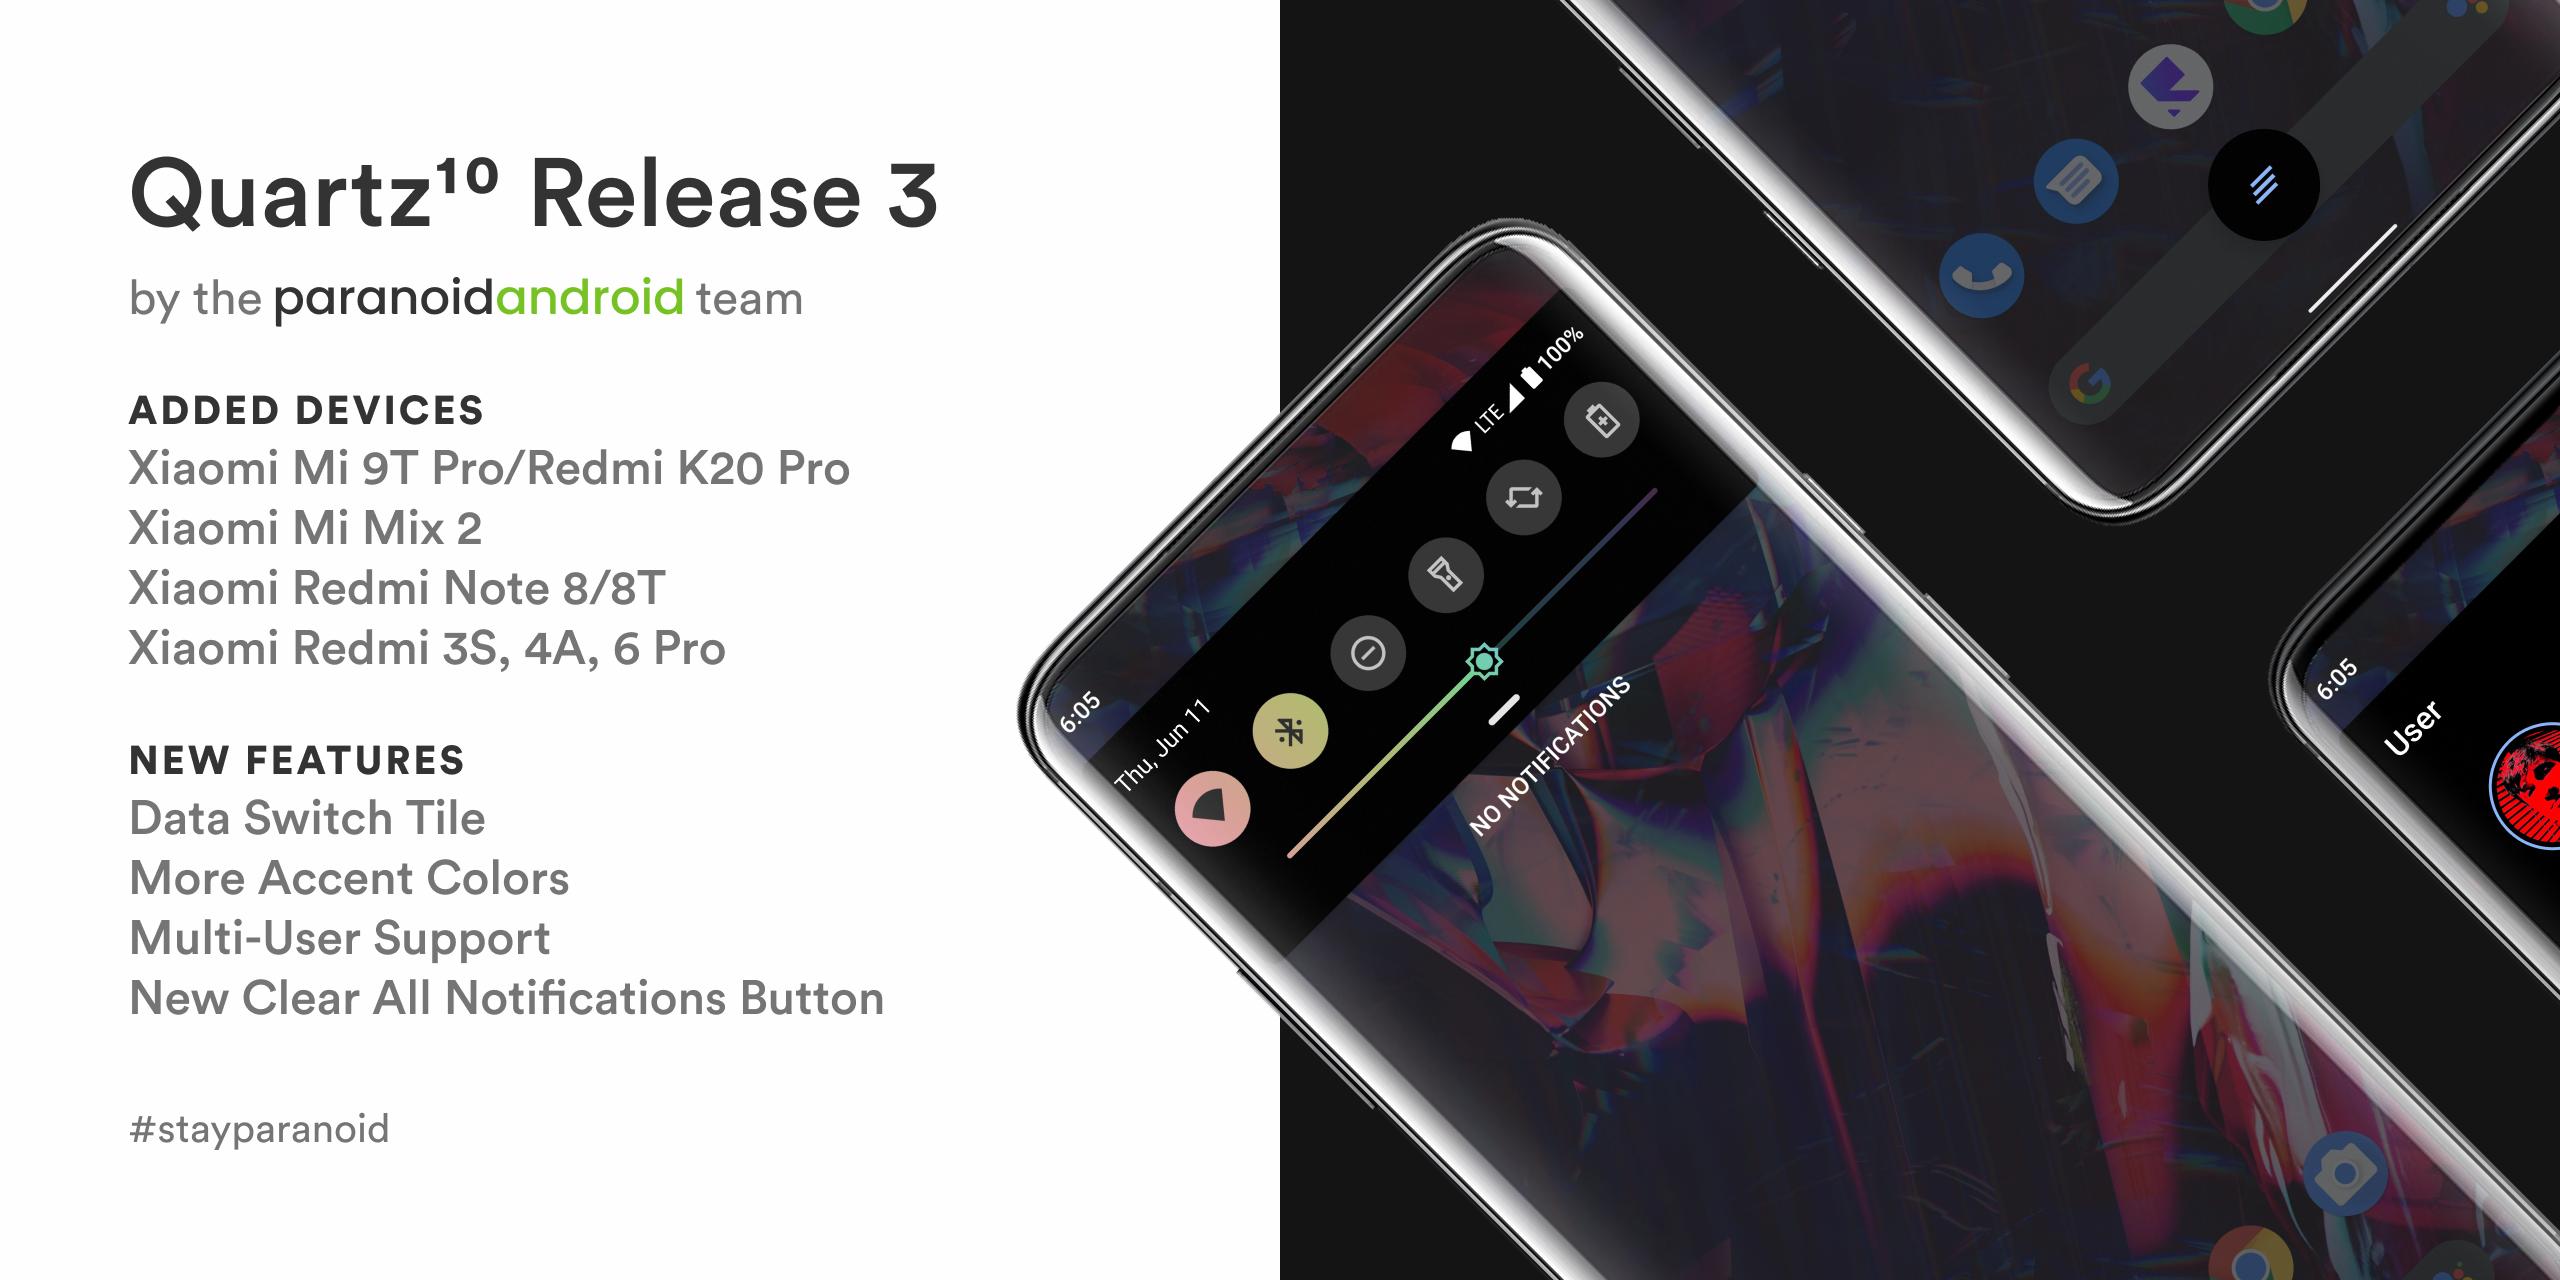 Paranoid Android Quartz 3 llega a más dispositivos Xiaomi: Redmi Note 8 y Mi 9T Pro entre otros. Noticias Xiaomi Adictos